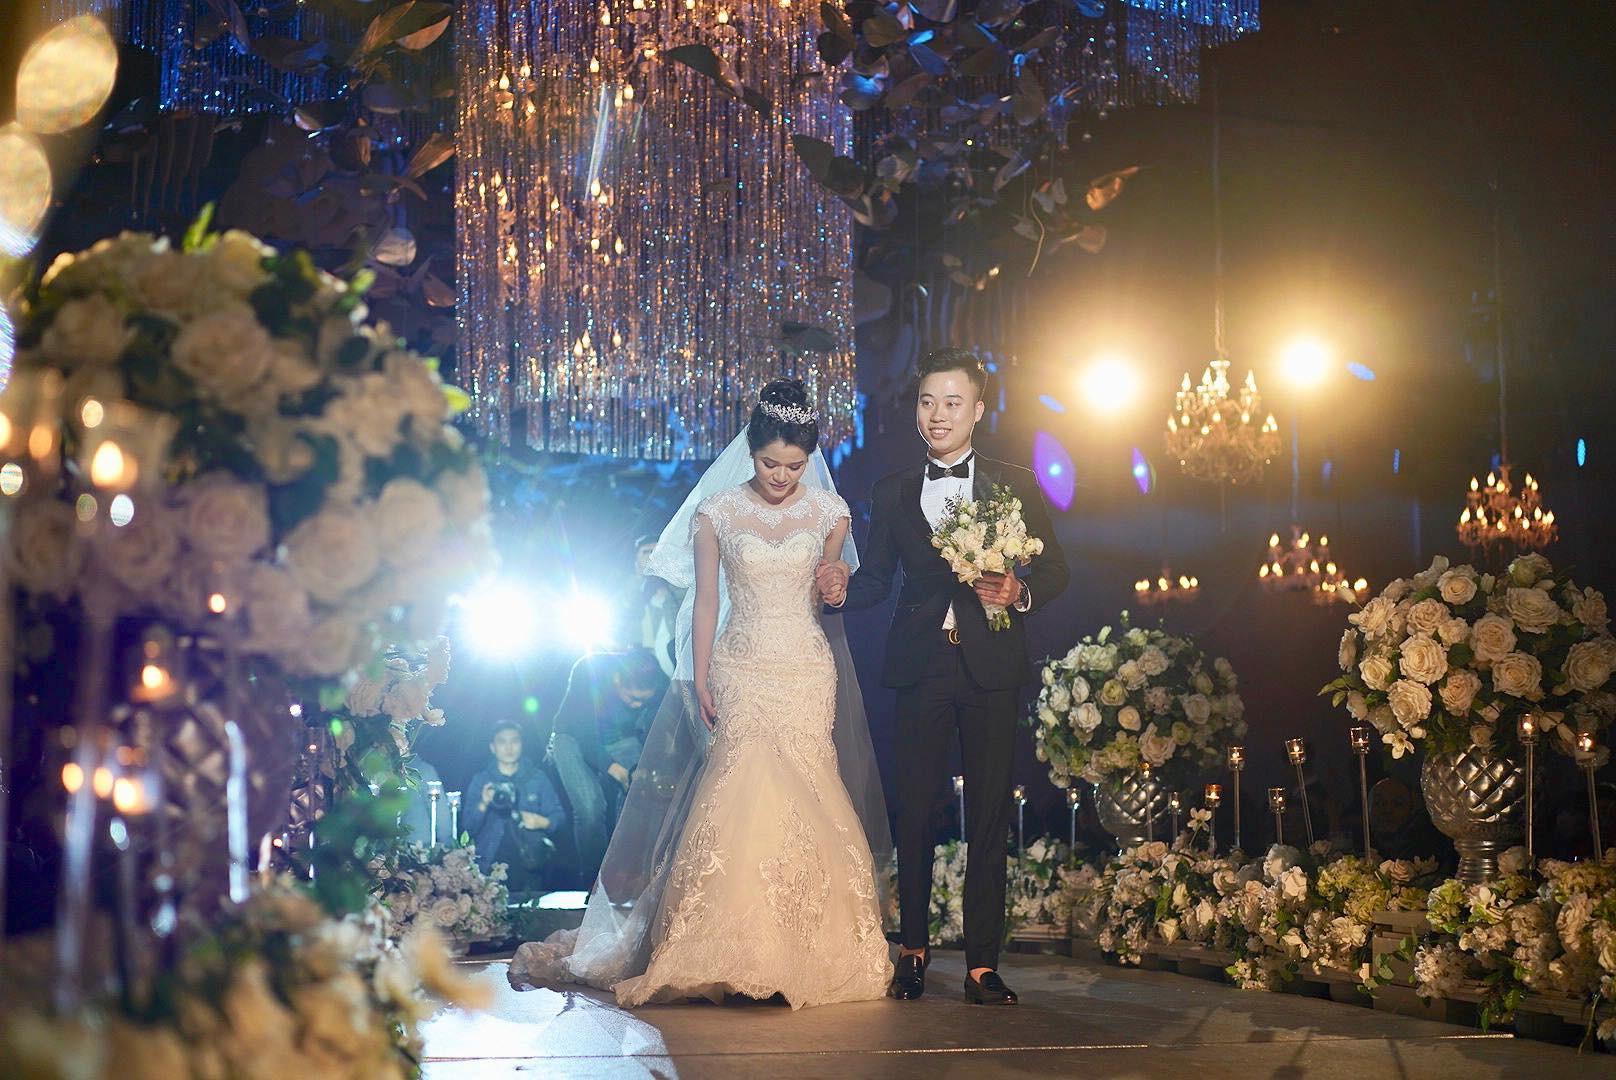 Huyền Trang Bất Hối chốt hạ năm 2018 bằng đám cưới cực viên mãn - Ảnh 8.